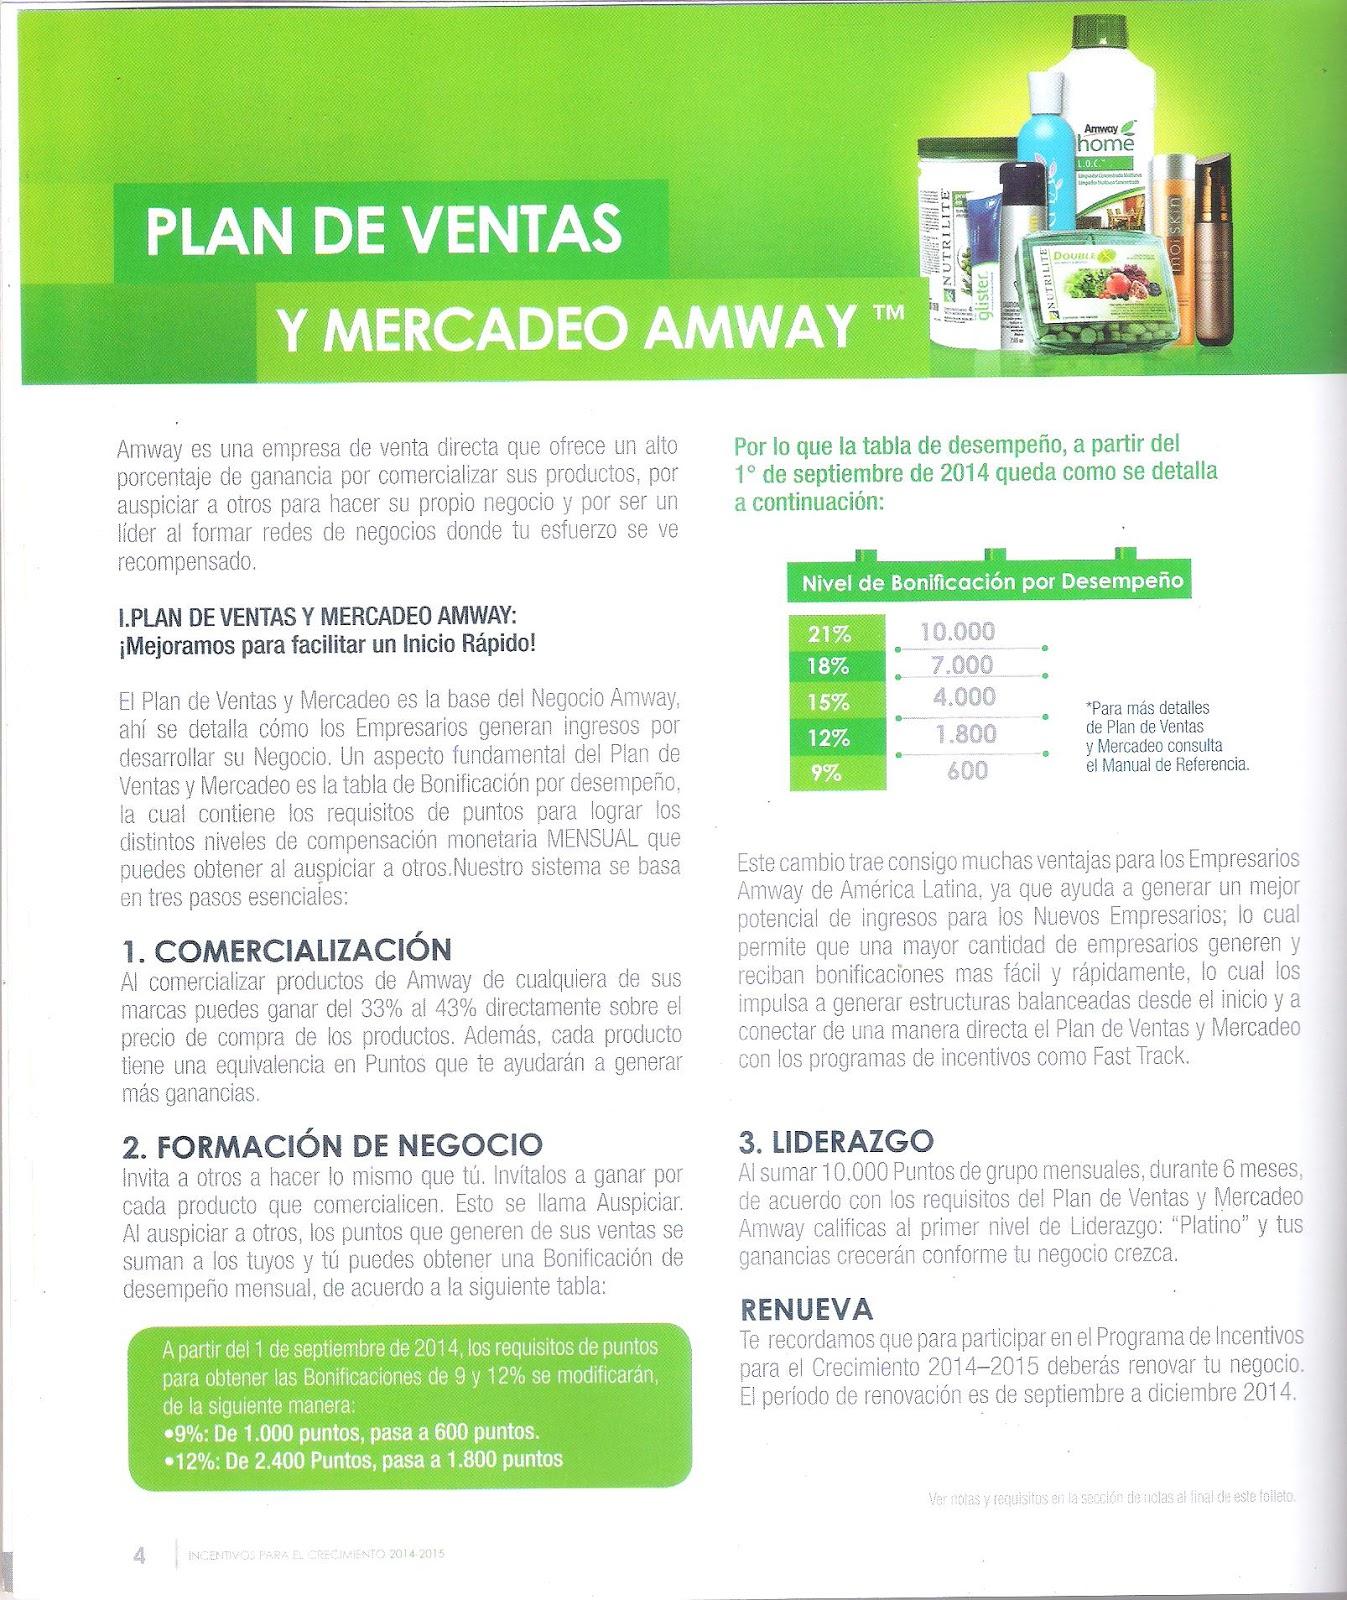 amway de venezuela plan de negocios amway